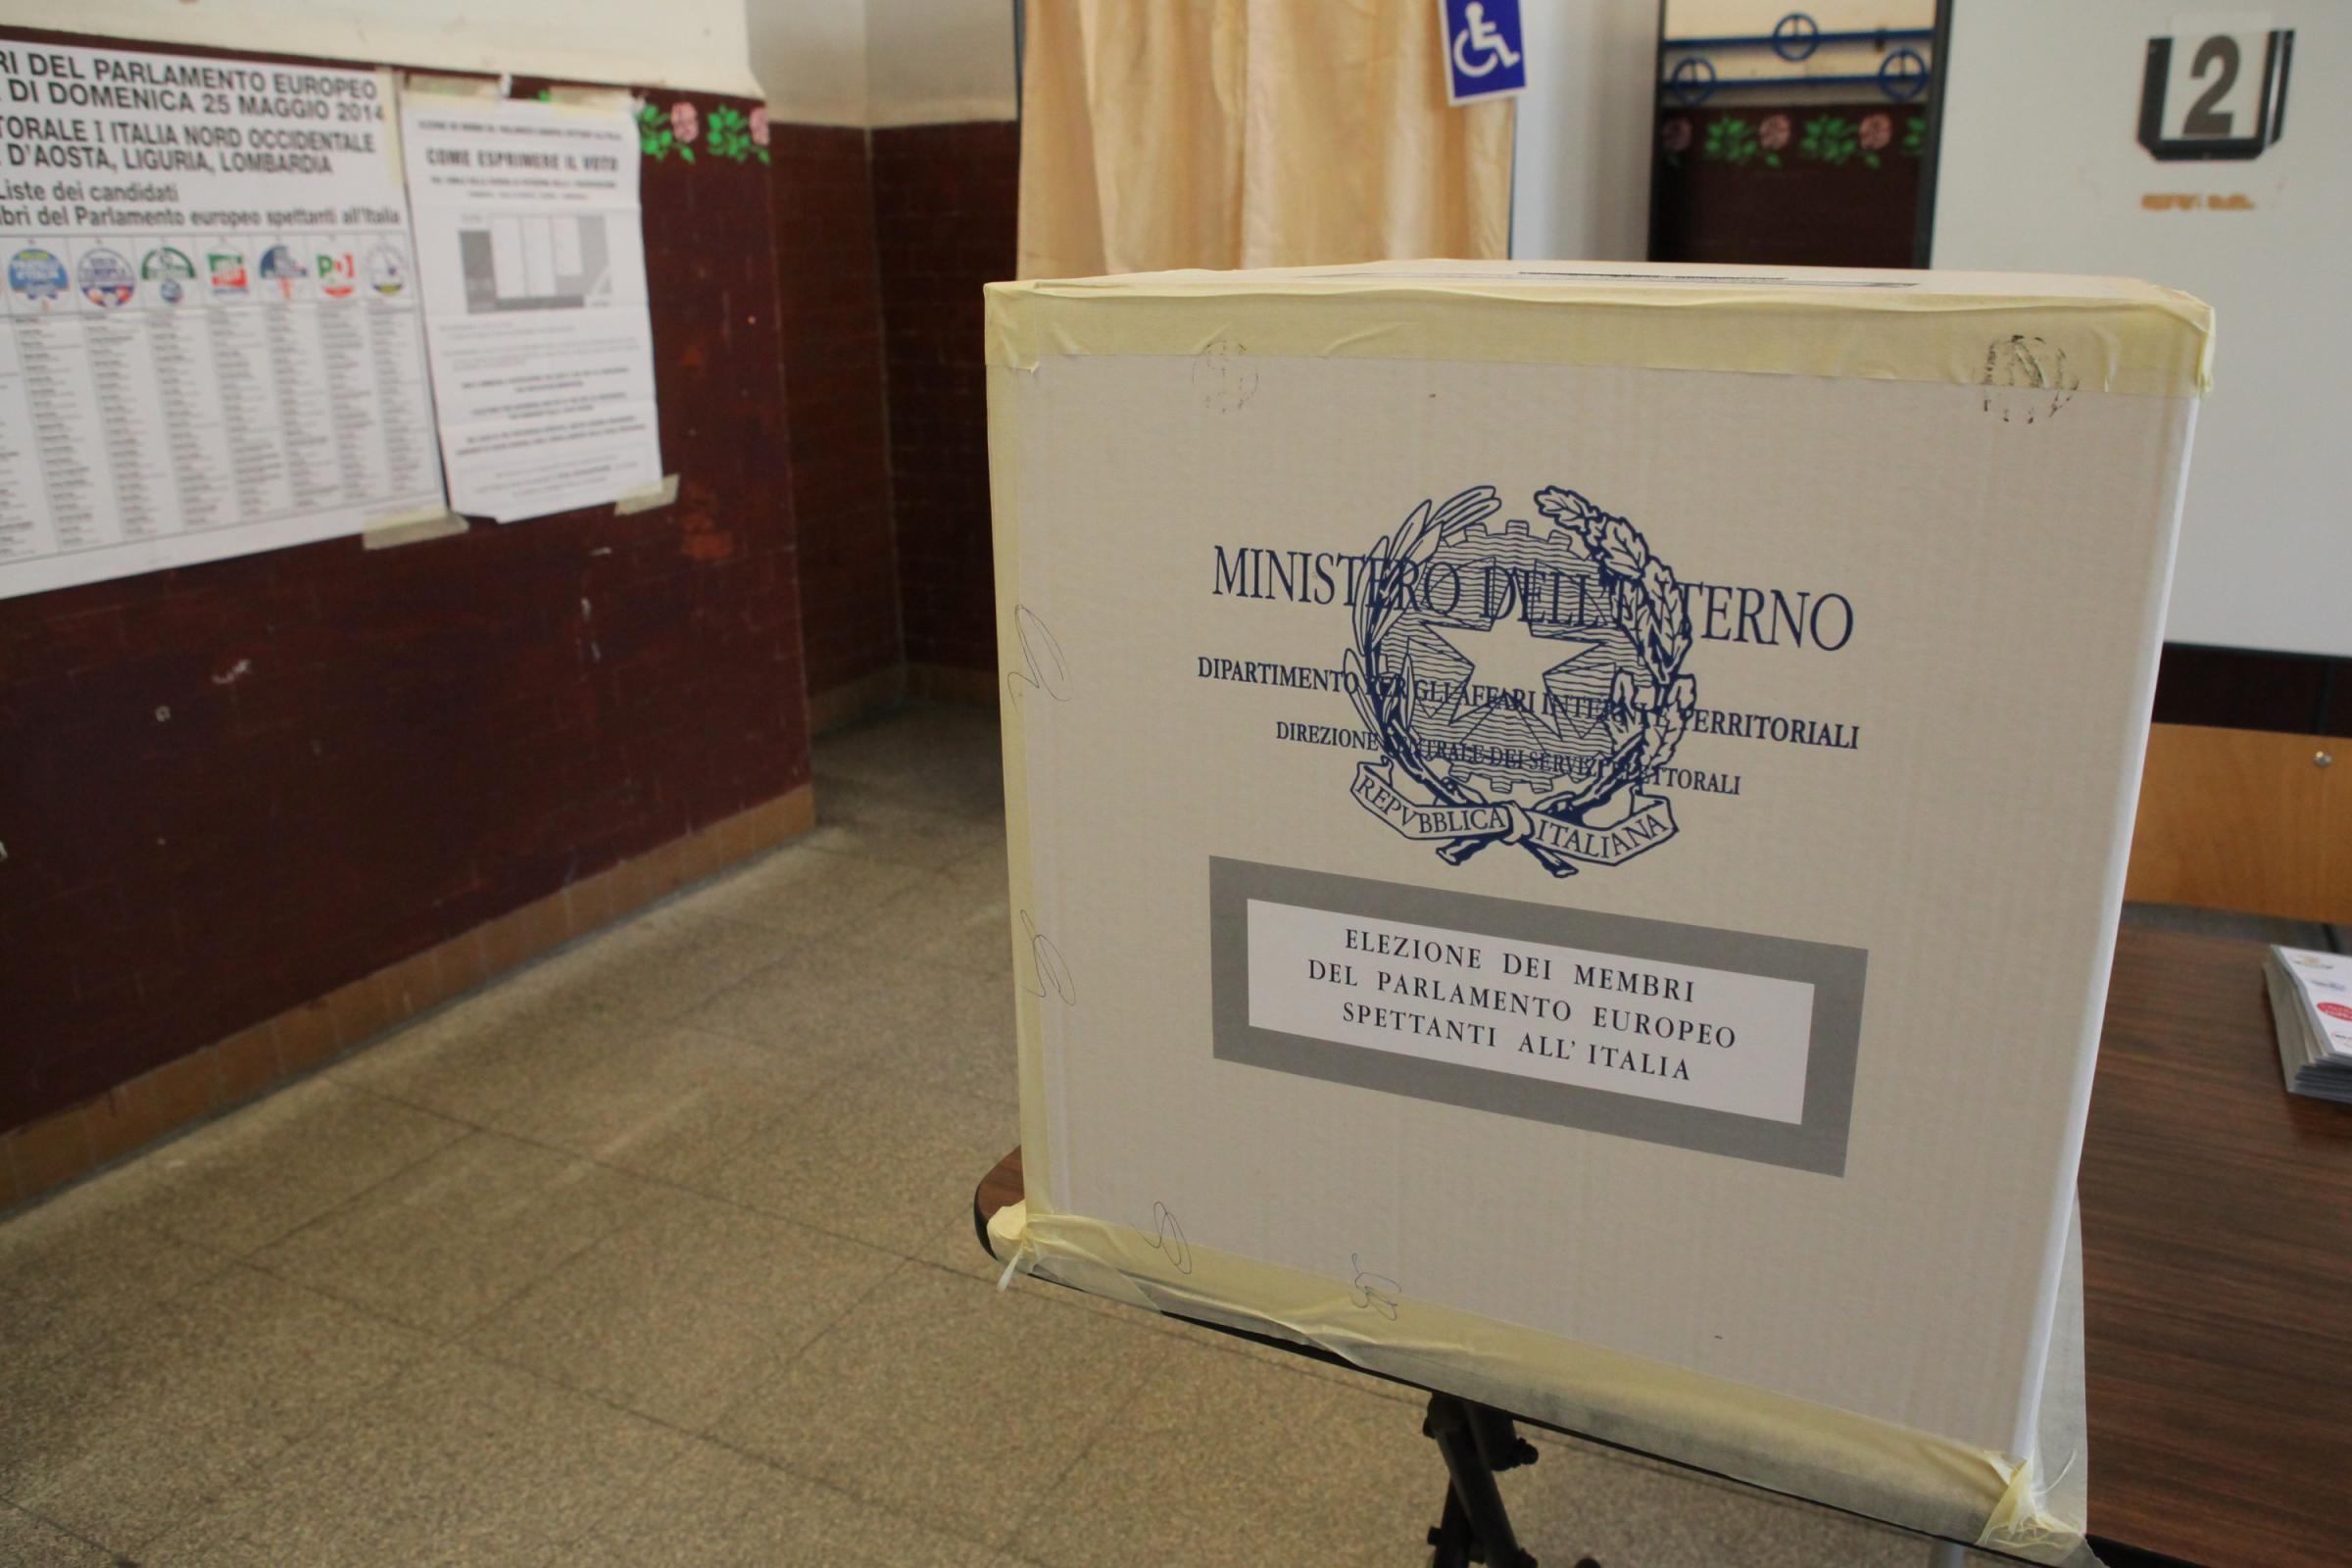 Domenica urne aperte (7-23) per le elezioni europee. Da eleggere 73 deputati